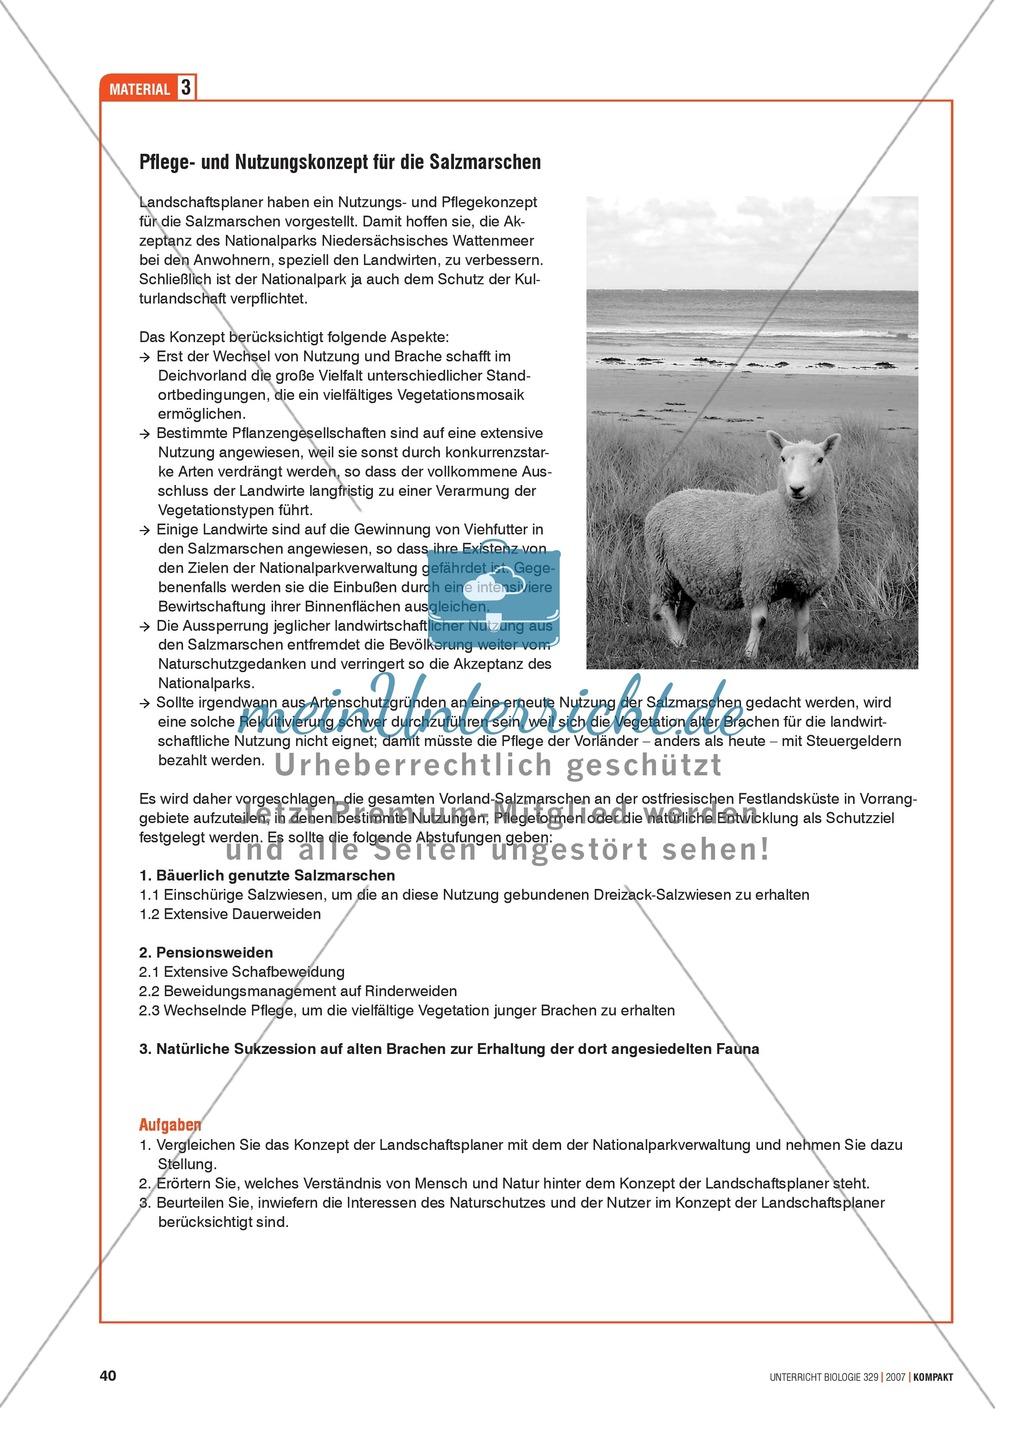 Alltagsvorstellungen zur Ökologie - Mensch und Natur: Info-Text und Aufgaben Preview 5